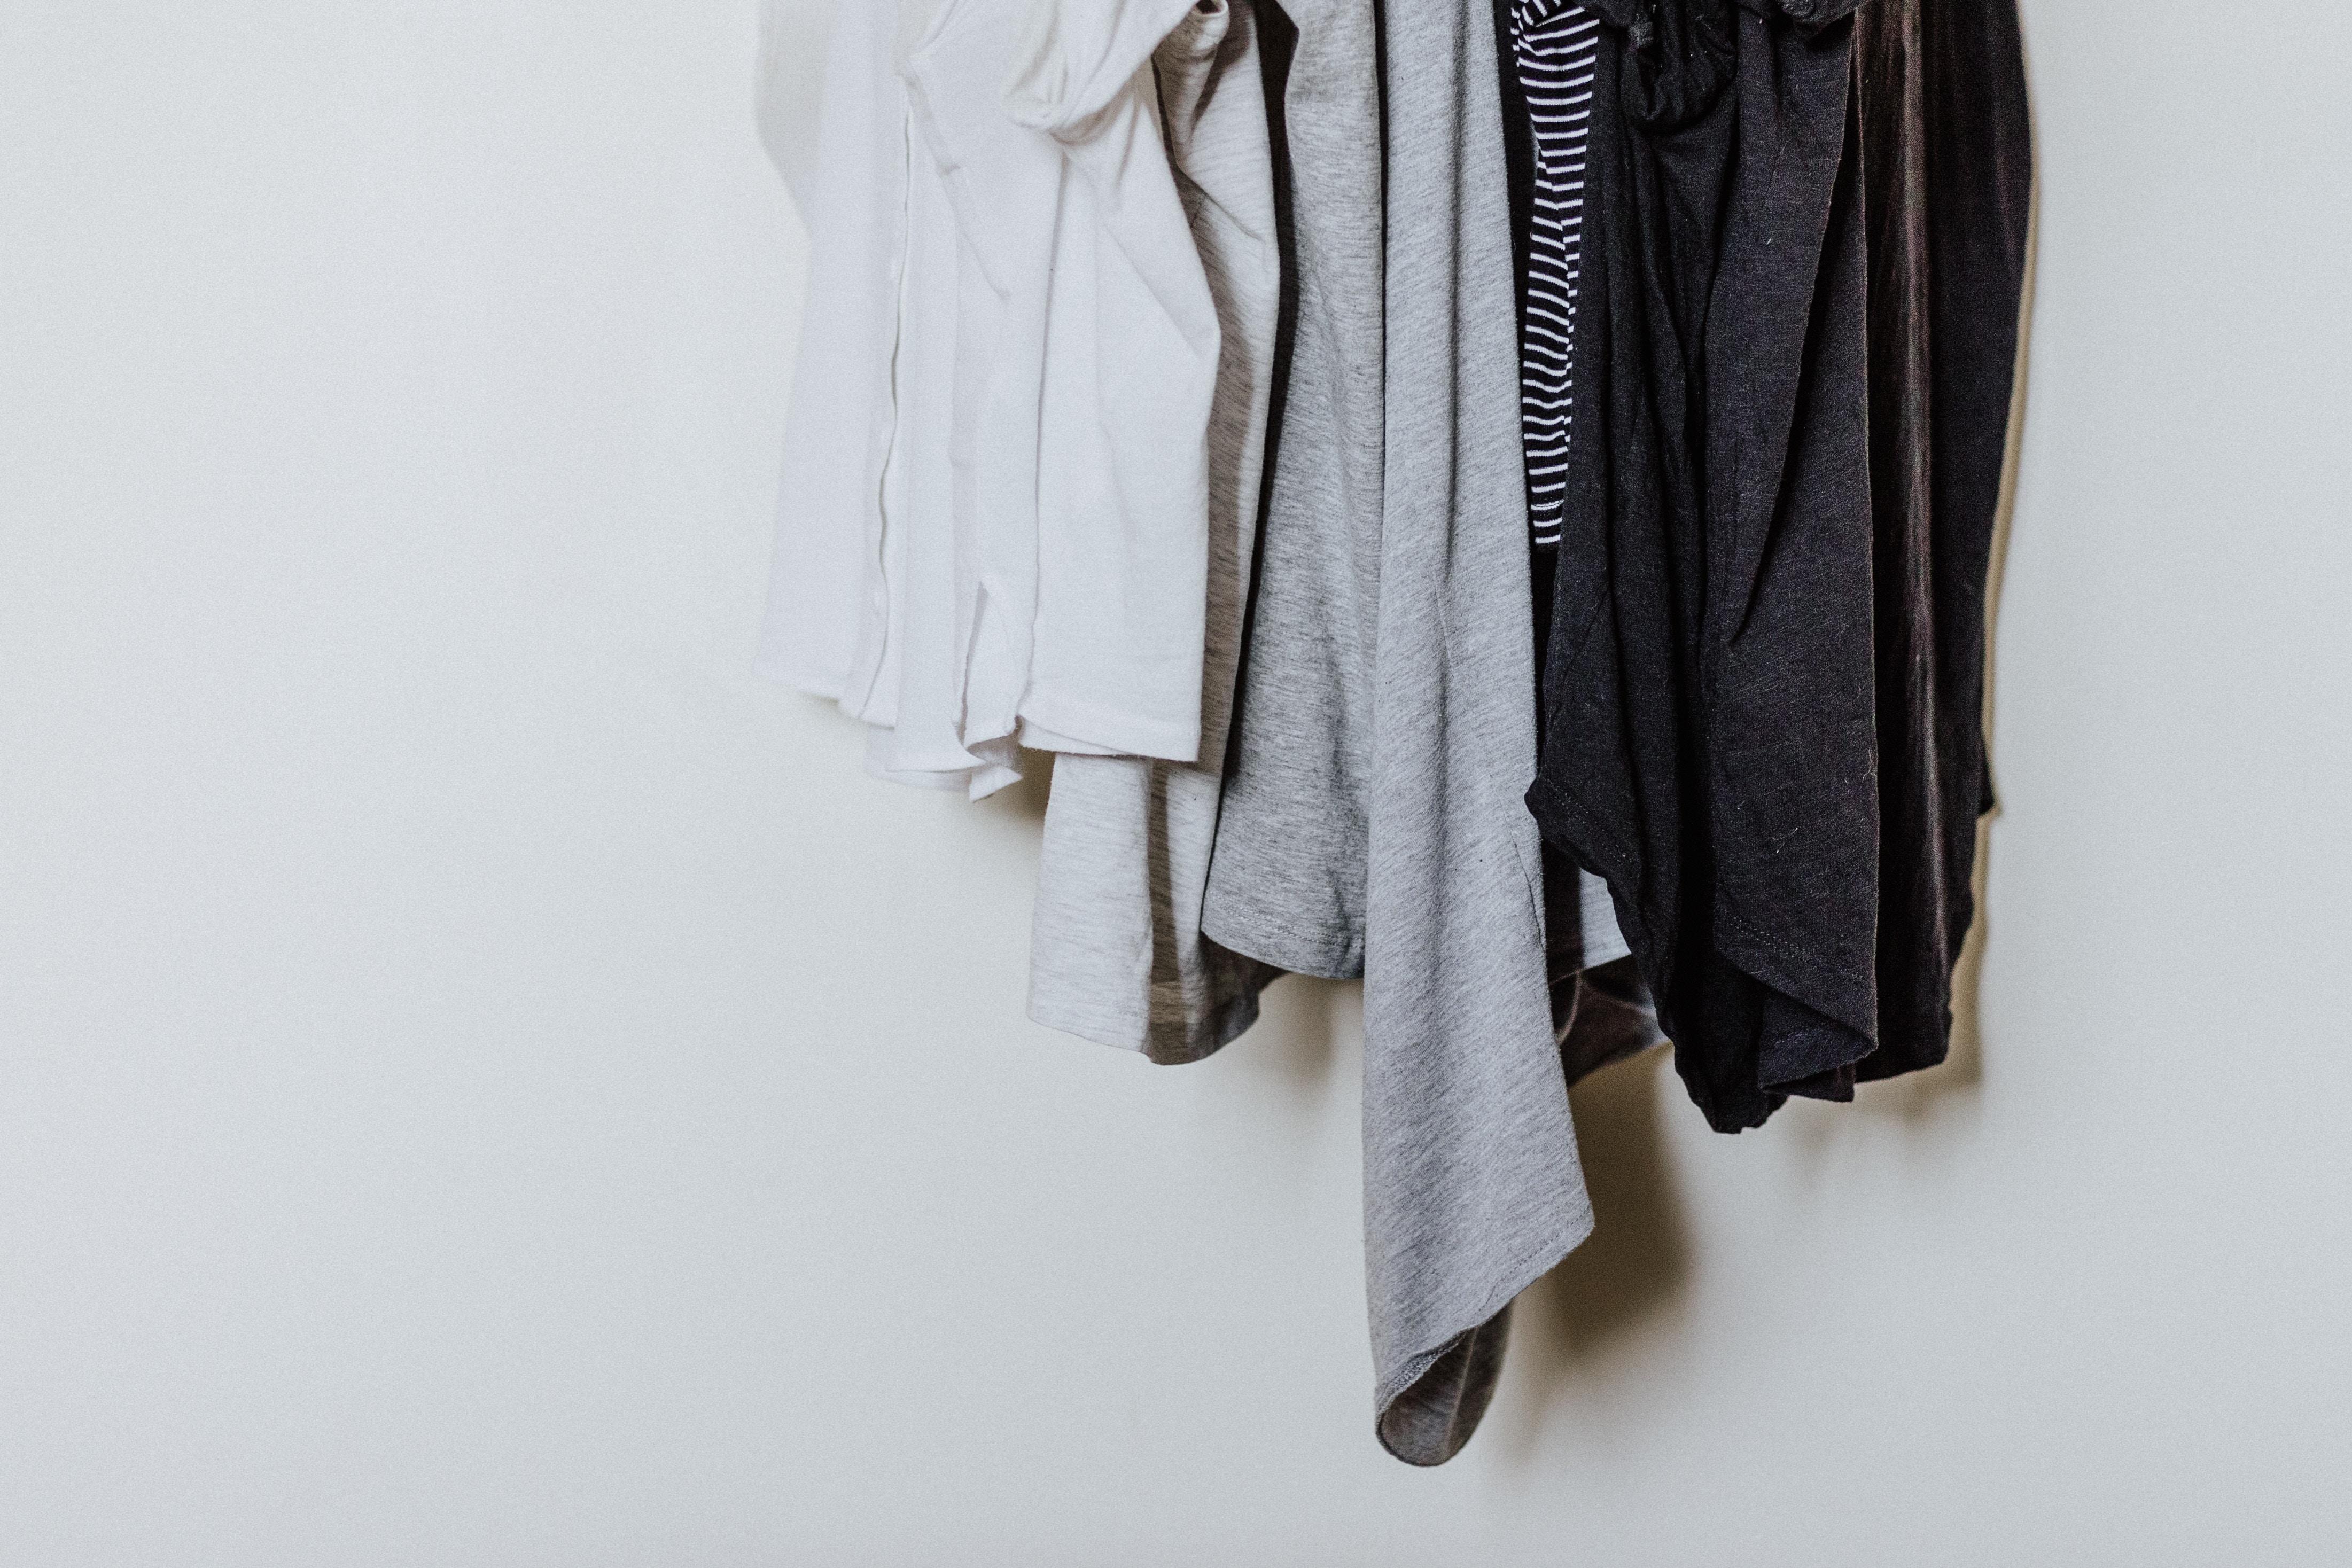 Don, revente, recyclage : que faire de ses vêtements usagés ?